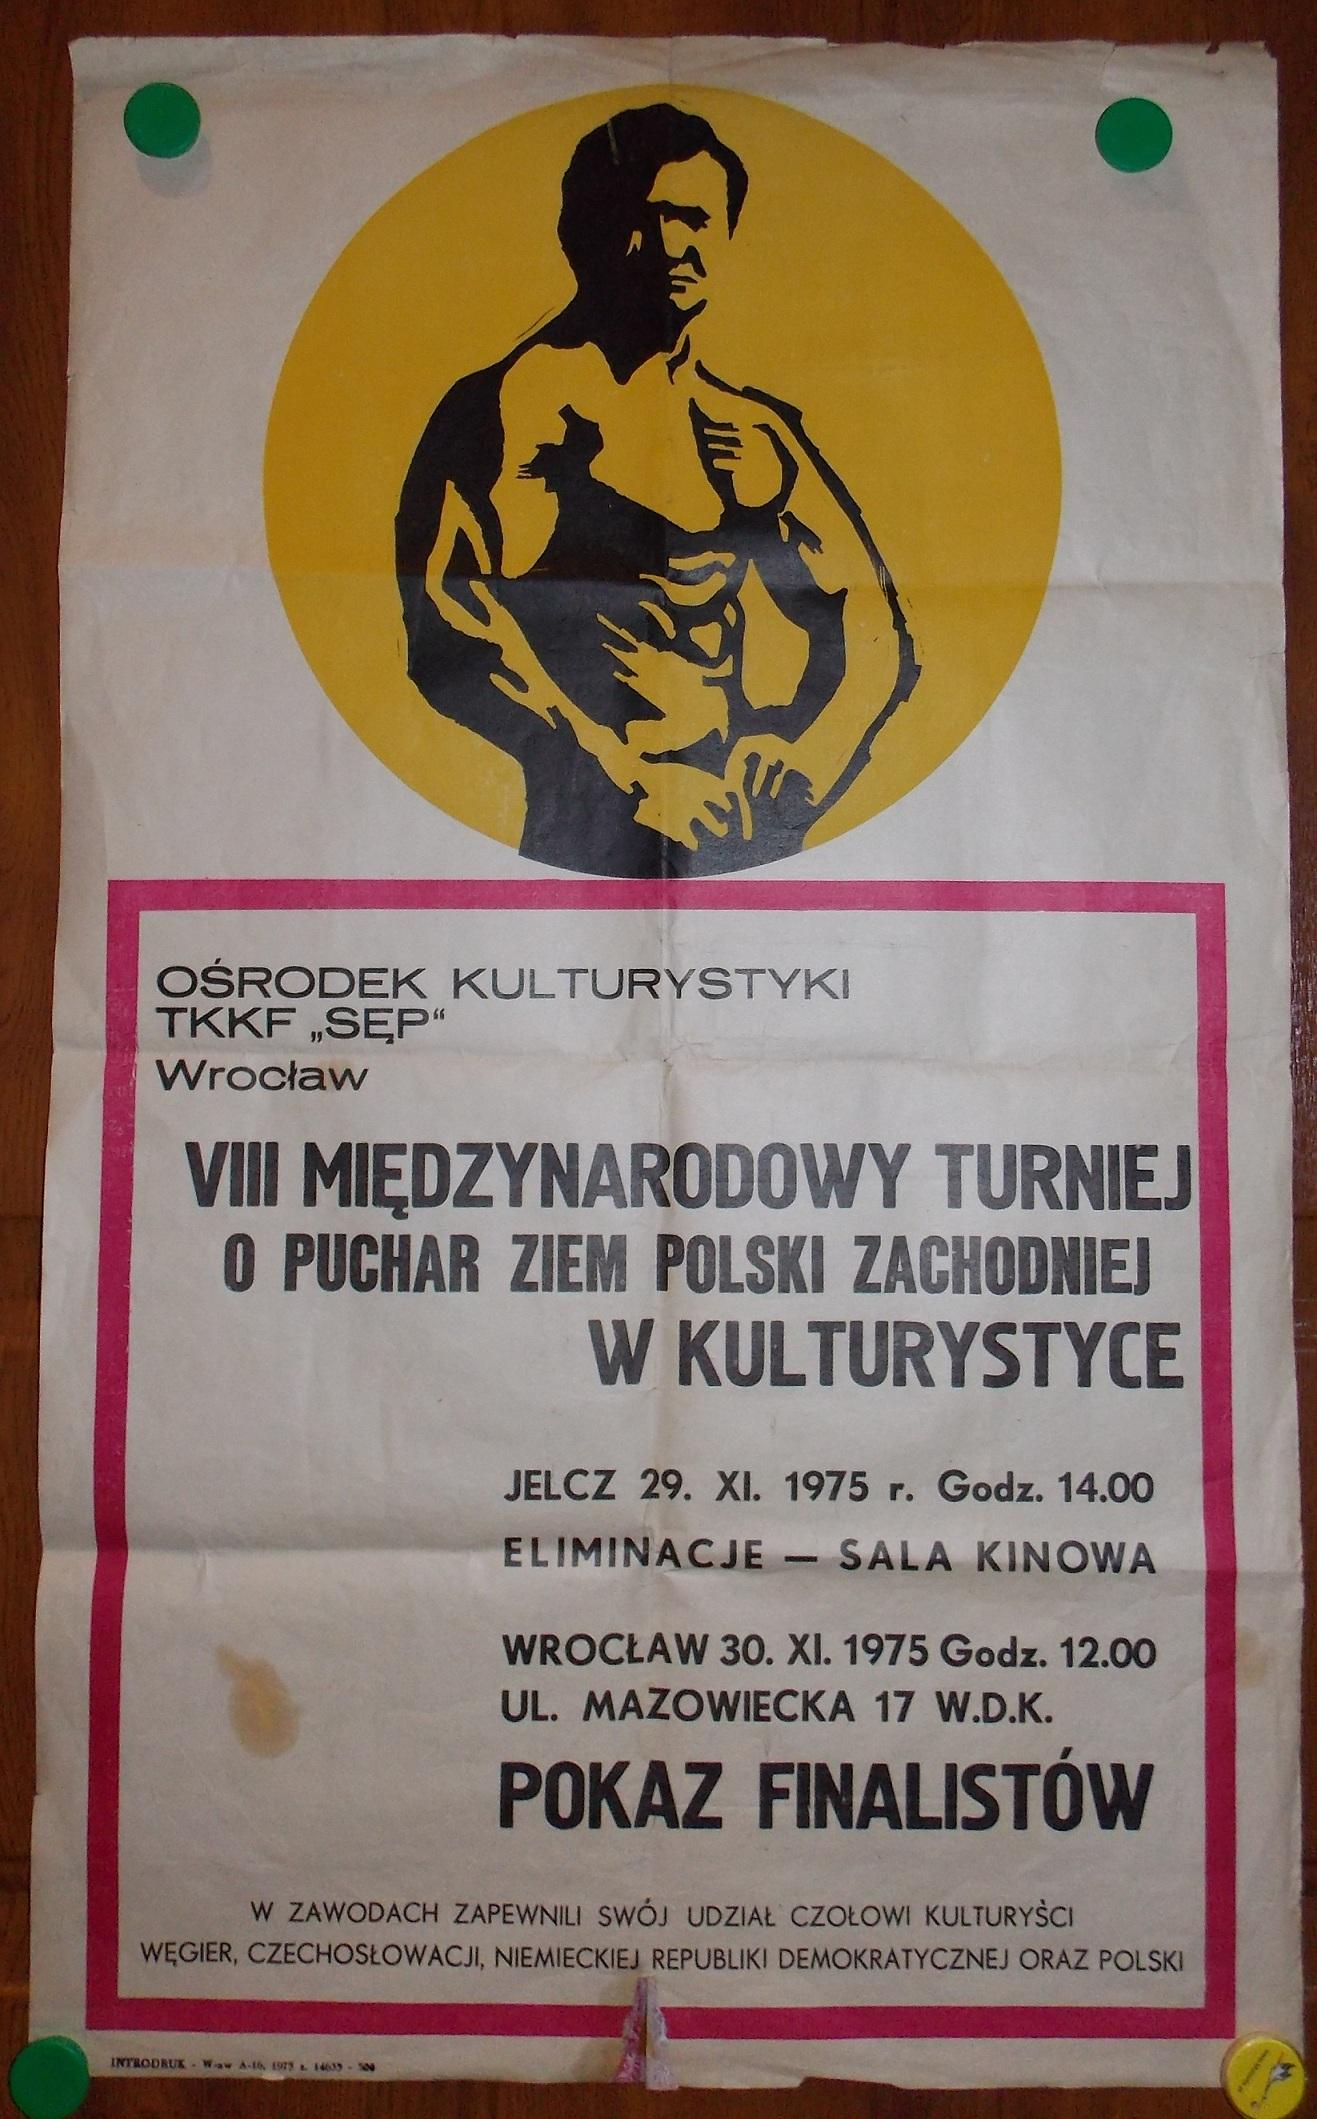 Plakat Tkkf Sęp Wrocław Kulturystyka 1975 Jelcz